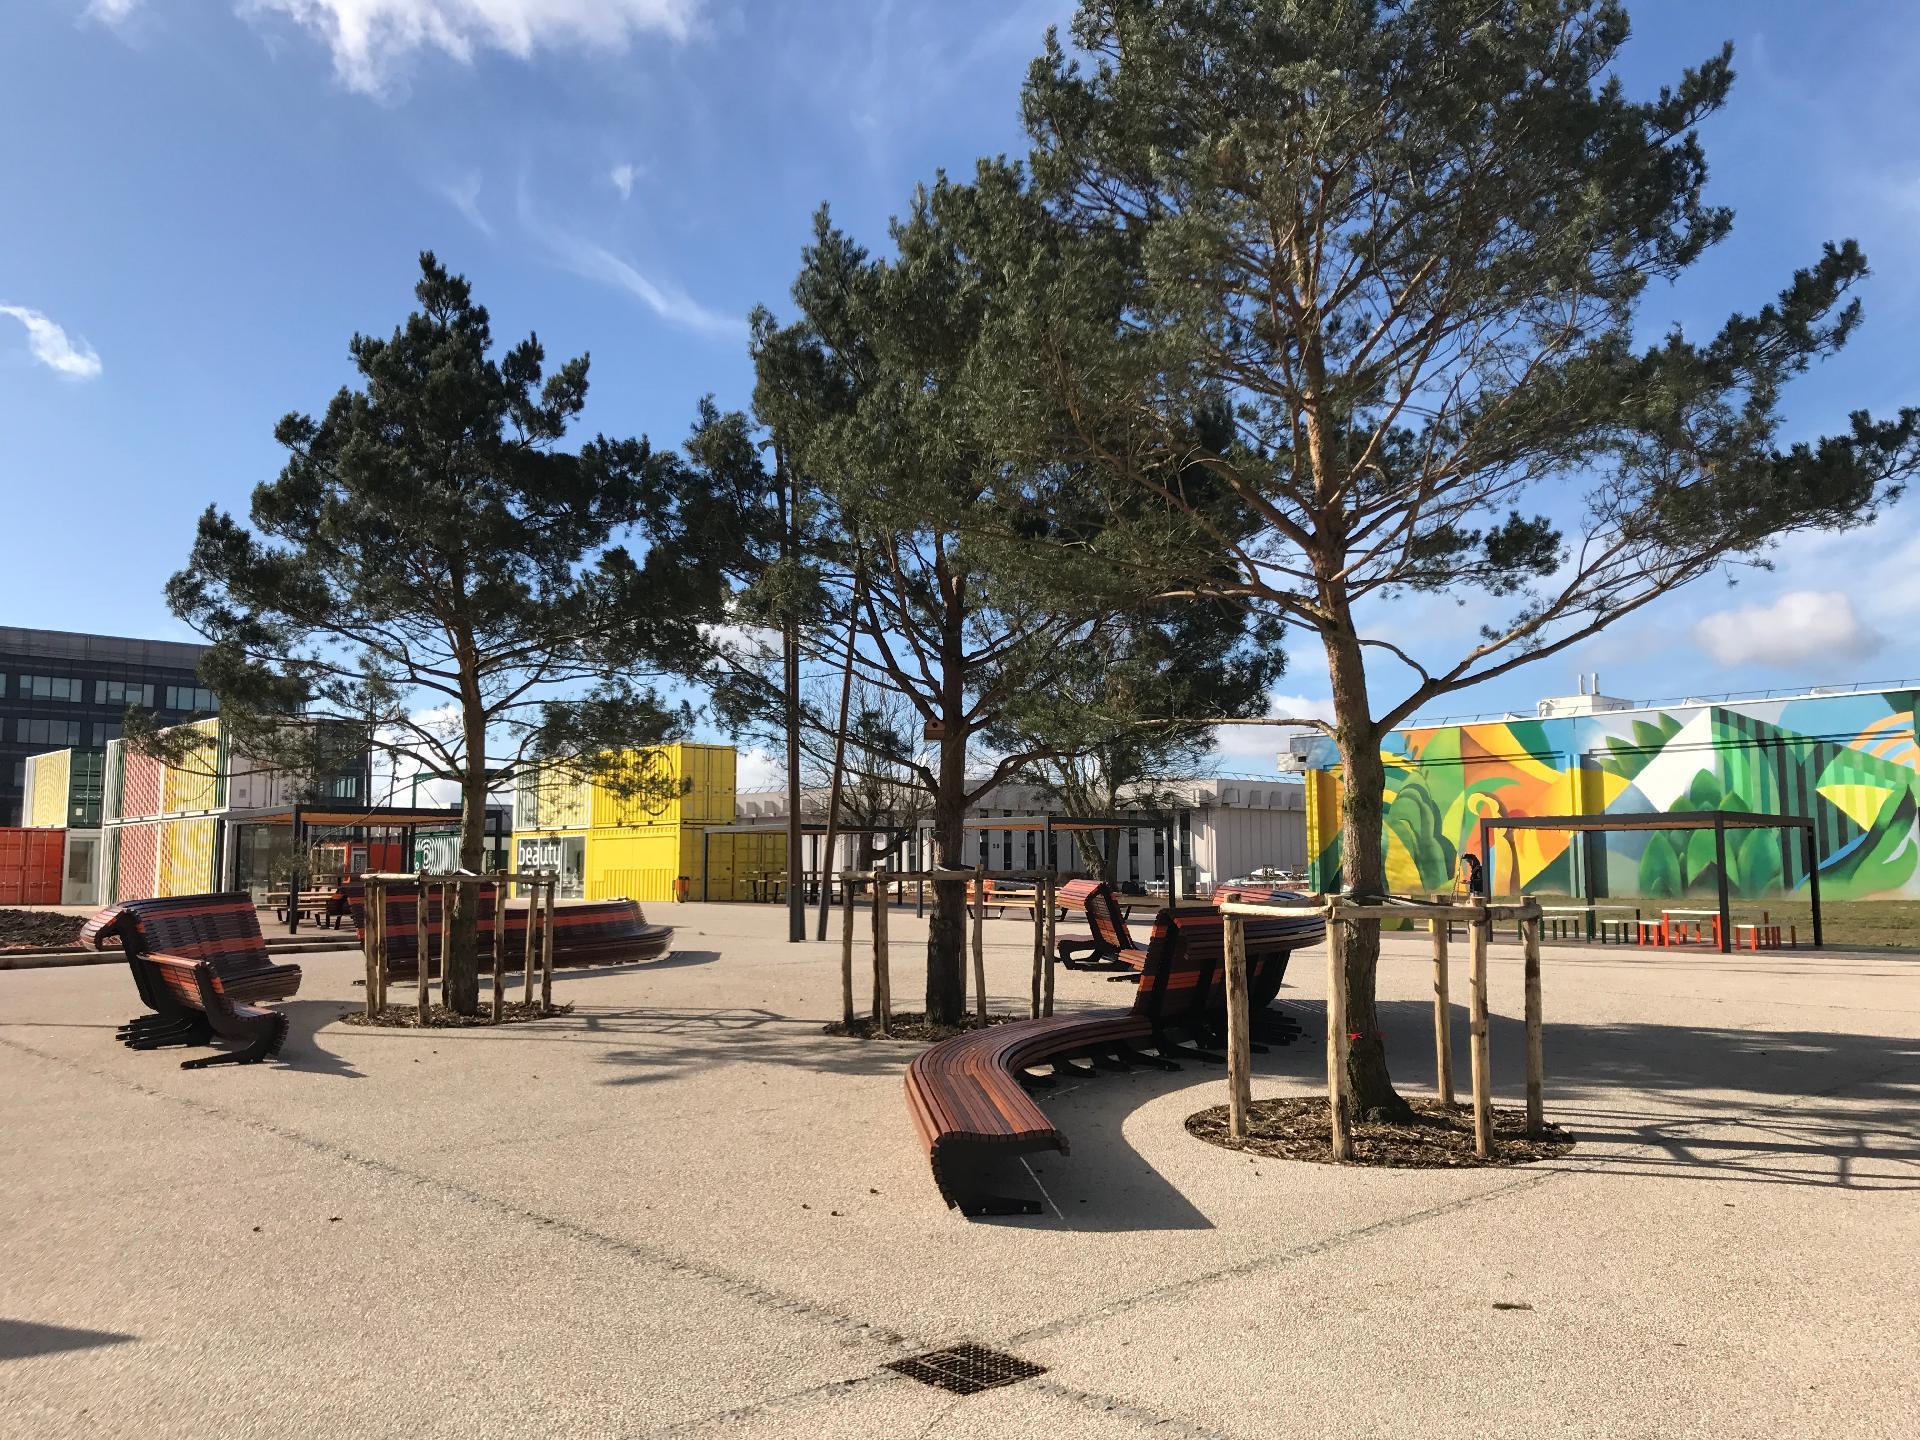 parc utilisant des matériaux de réemploi